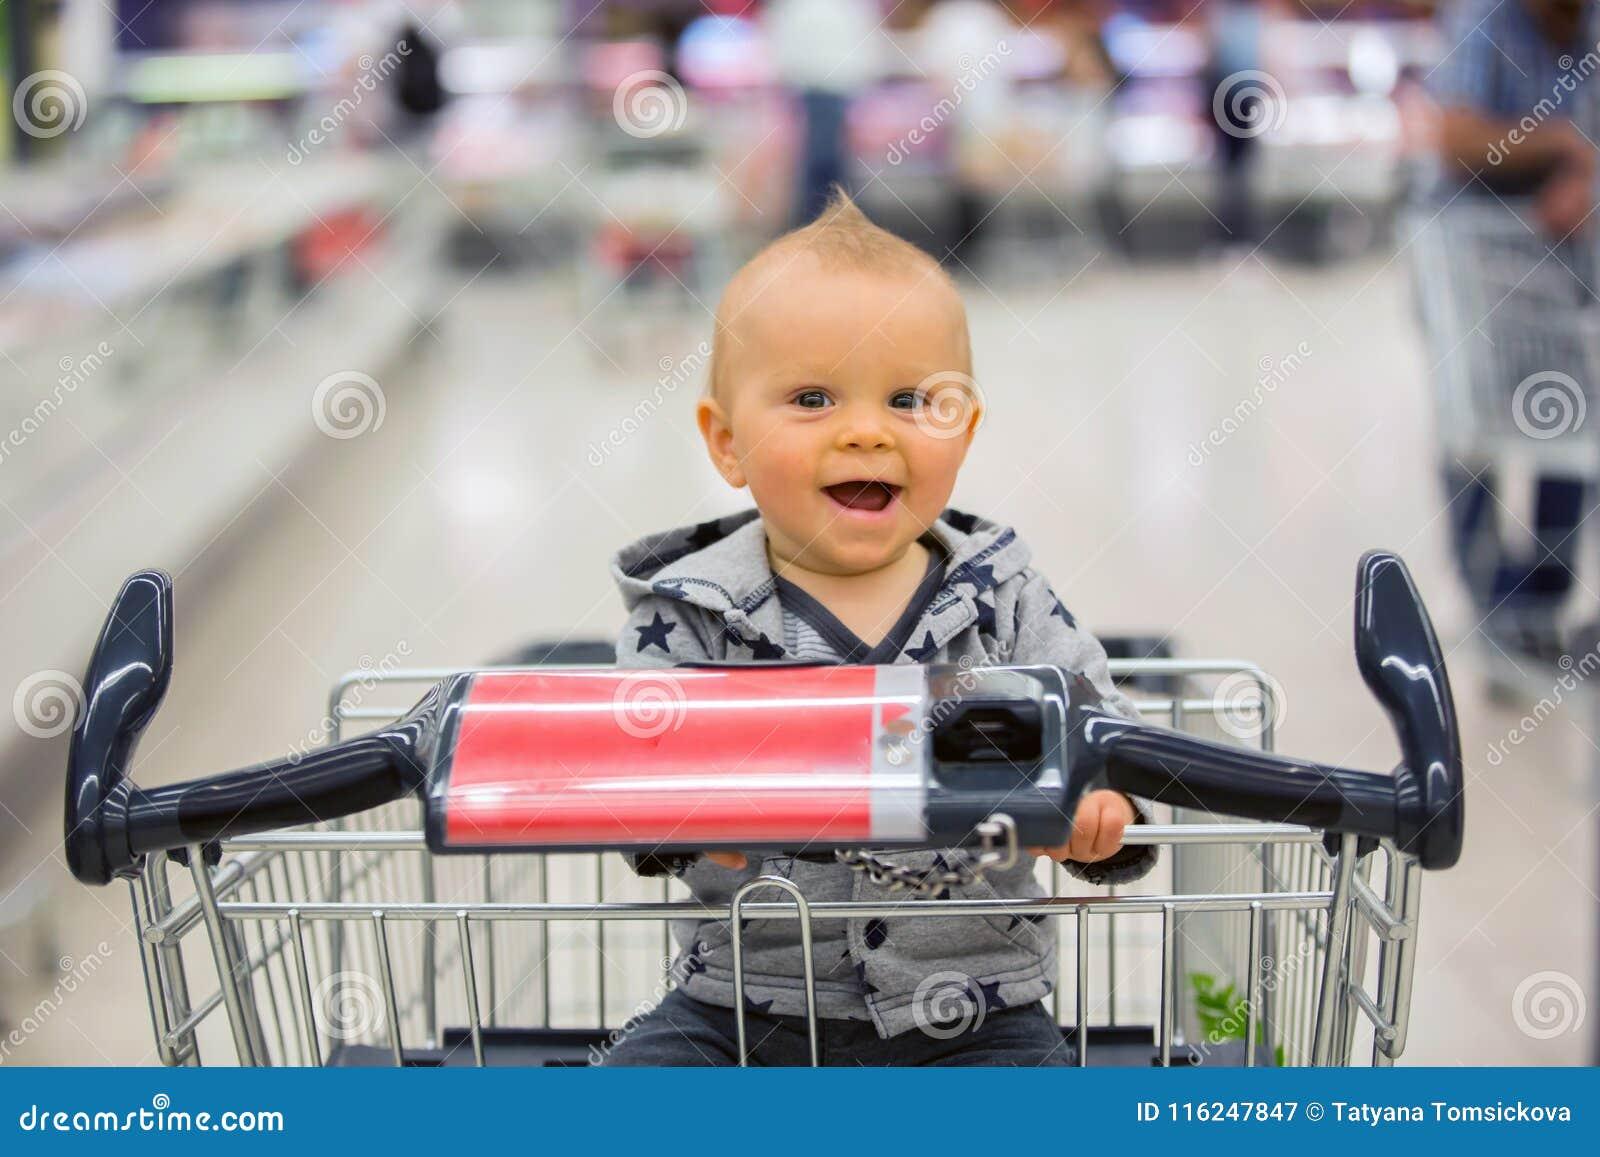 af2d5907d Toddler Baby Boy